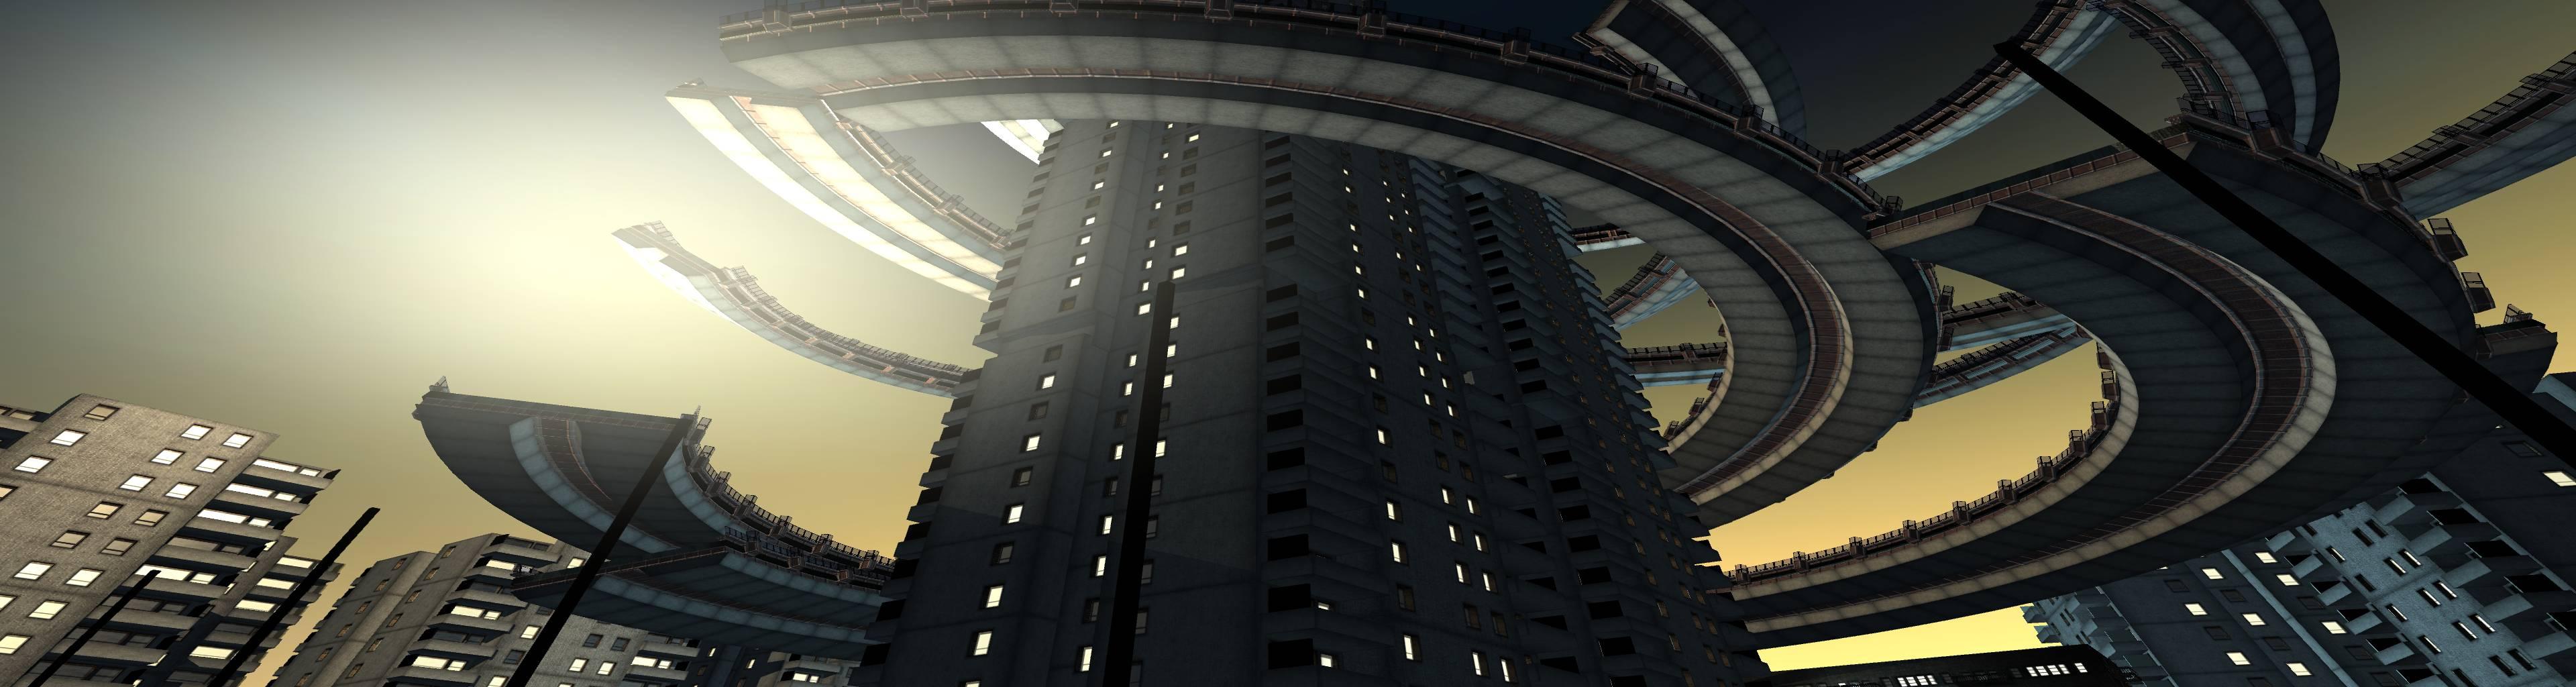 Klicken Sie auf die Grafik für eine größere Ansicht  Name:fr-041_debris 2011-06-20 20-59-35-71.jpg Hits:813 Größe:313,0 KB ID:430938